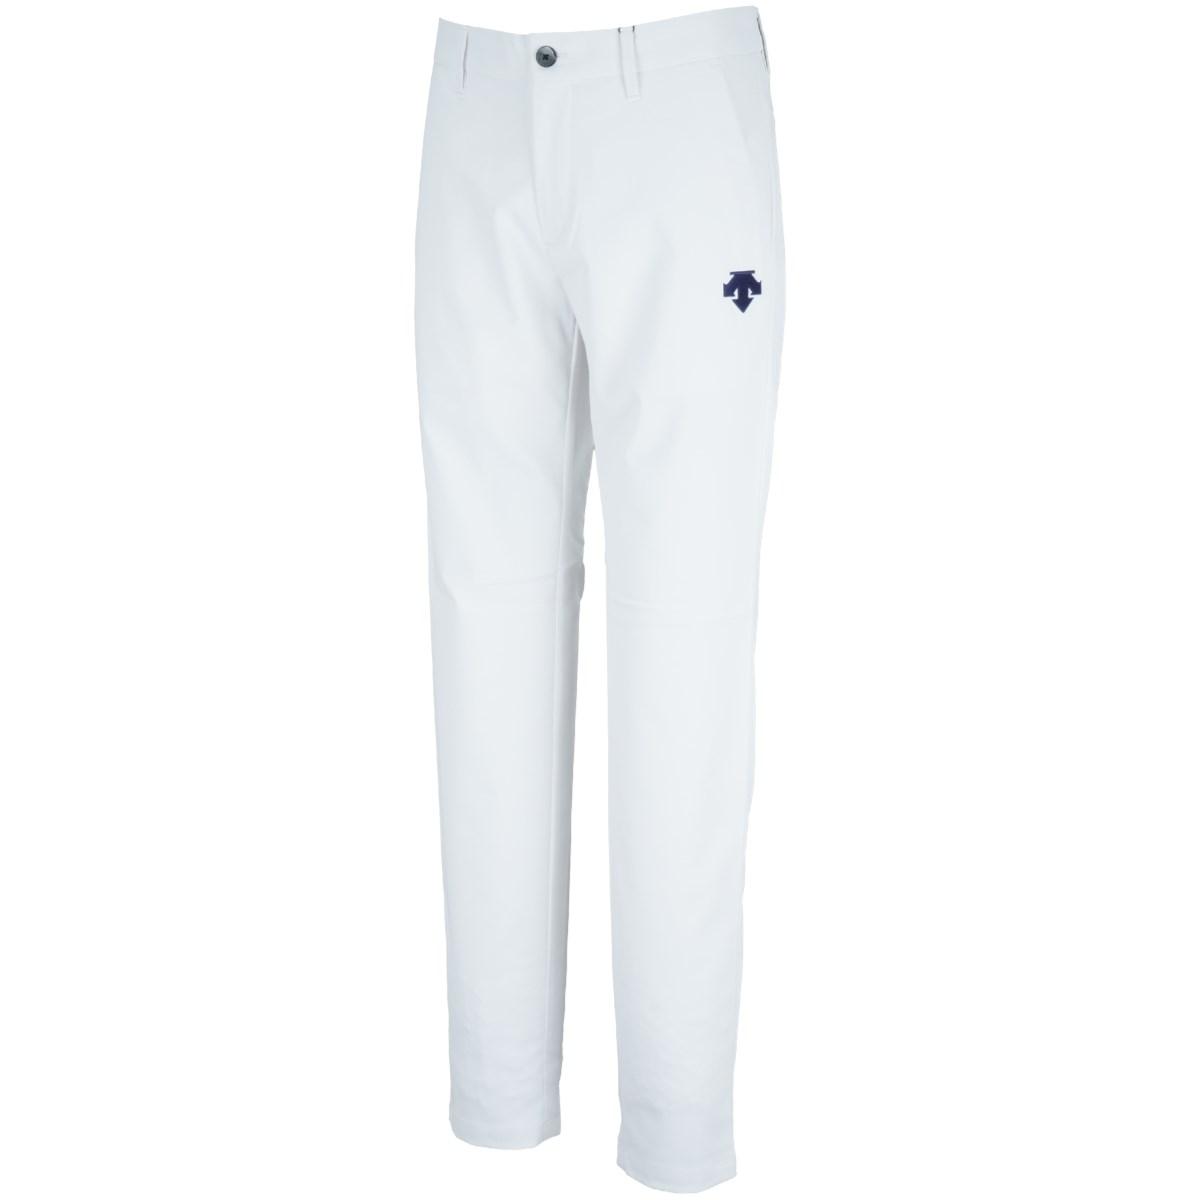 デサントゴルフ DESCENTE GOLF 【JAPAN NATIONAL TEAM プレイングモデル】神白パンツ 85 ホワイト 00